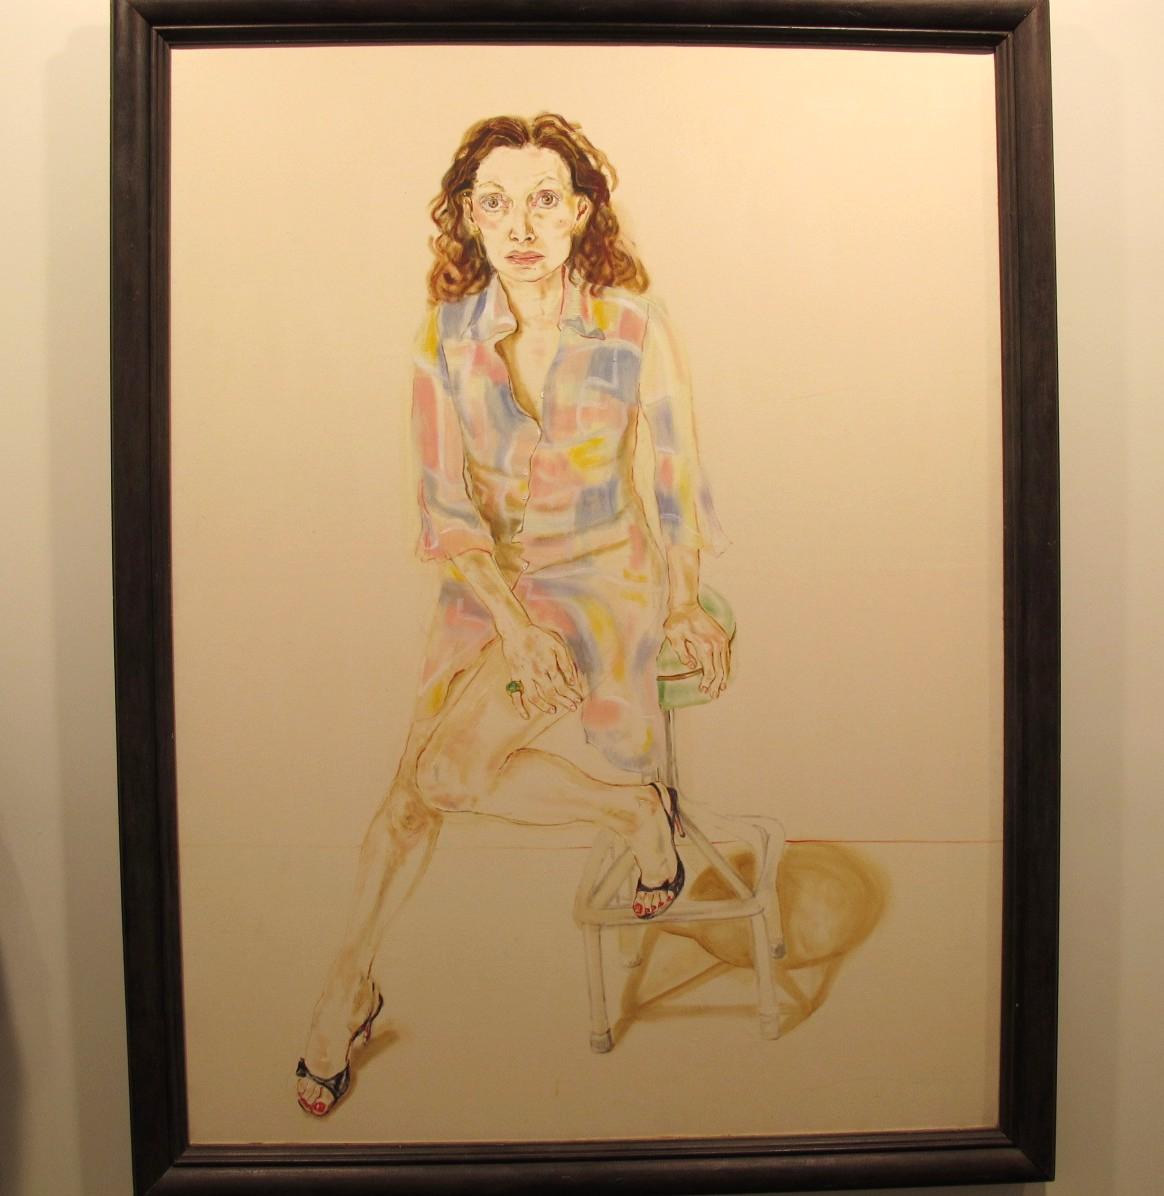 Diane Von Furstenberg + Journey of a Dress